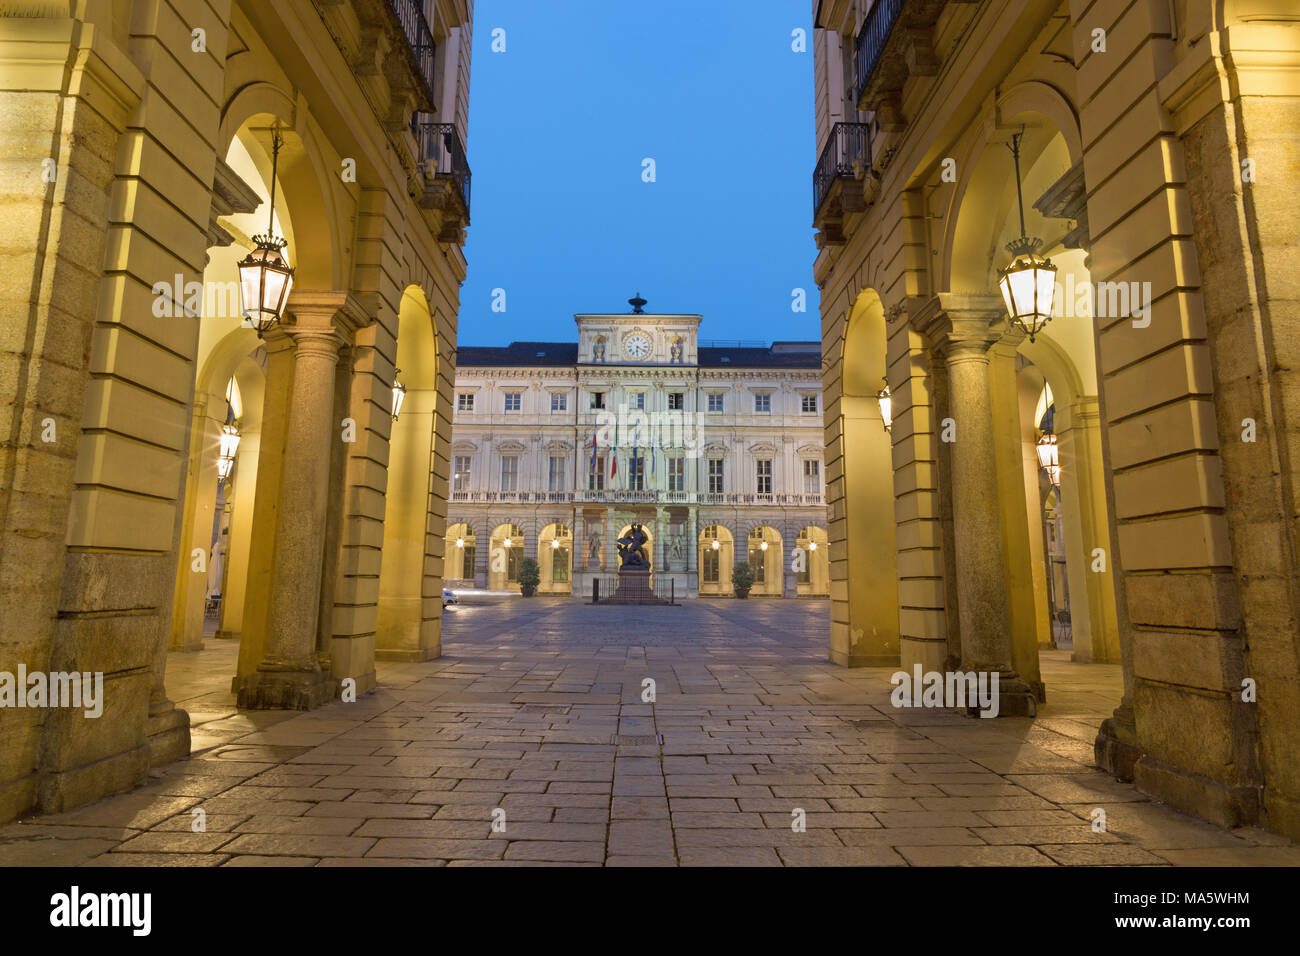 Turin - The square Piazza di Citta with the Palazzo Civico and Monumento al Conte Verde at dusk. - Stock Image